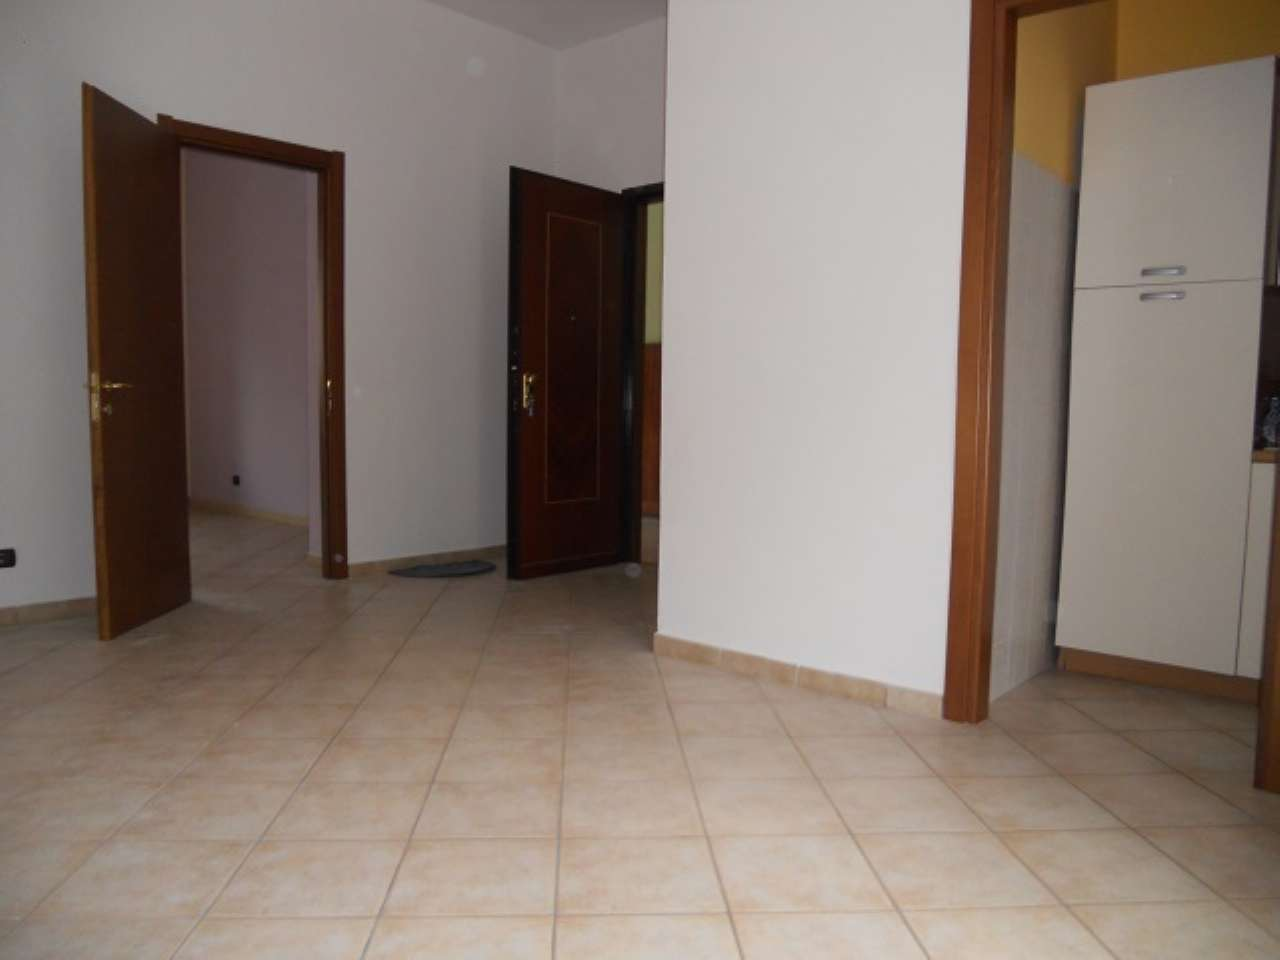 Appartamento in affitto a Sant'Antonino di Susa, 2 locali, prezzo € 290 | CambioCasa.it